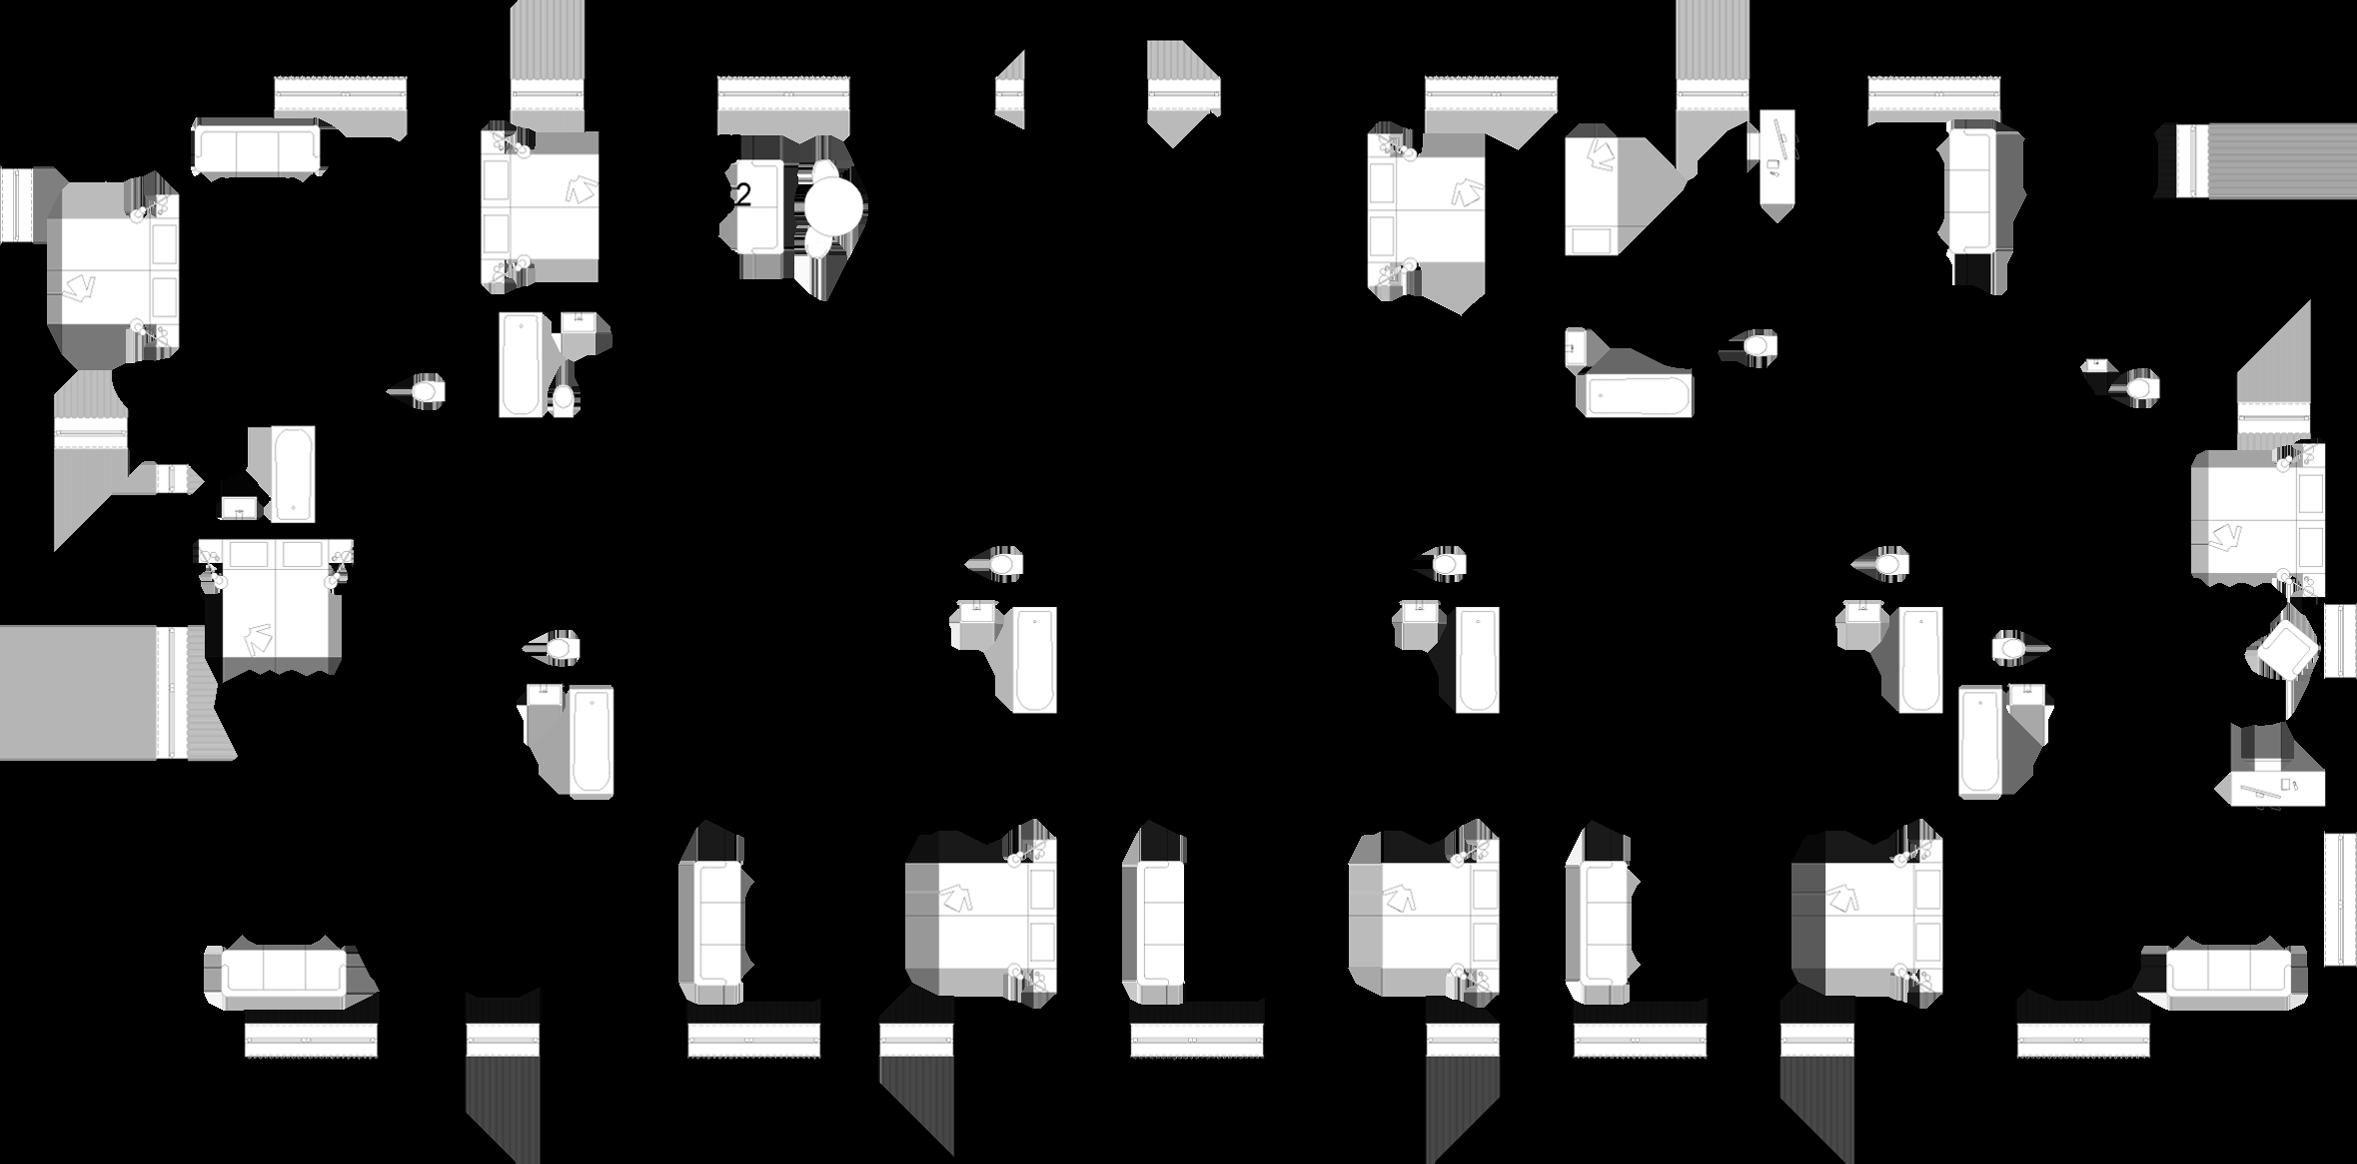 SO-01.A1 – 2. NP